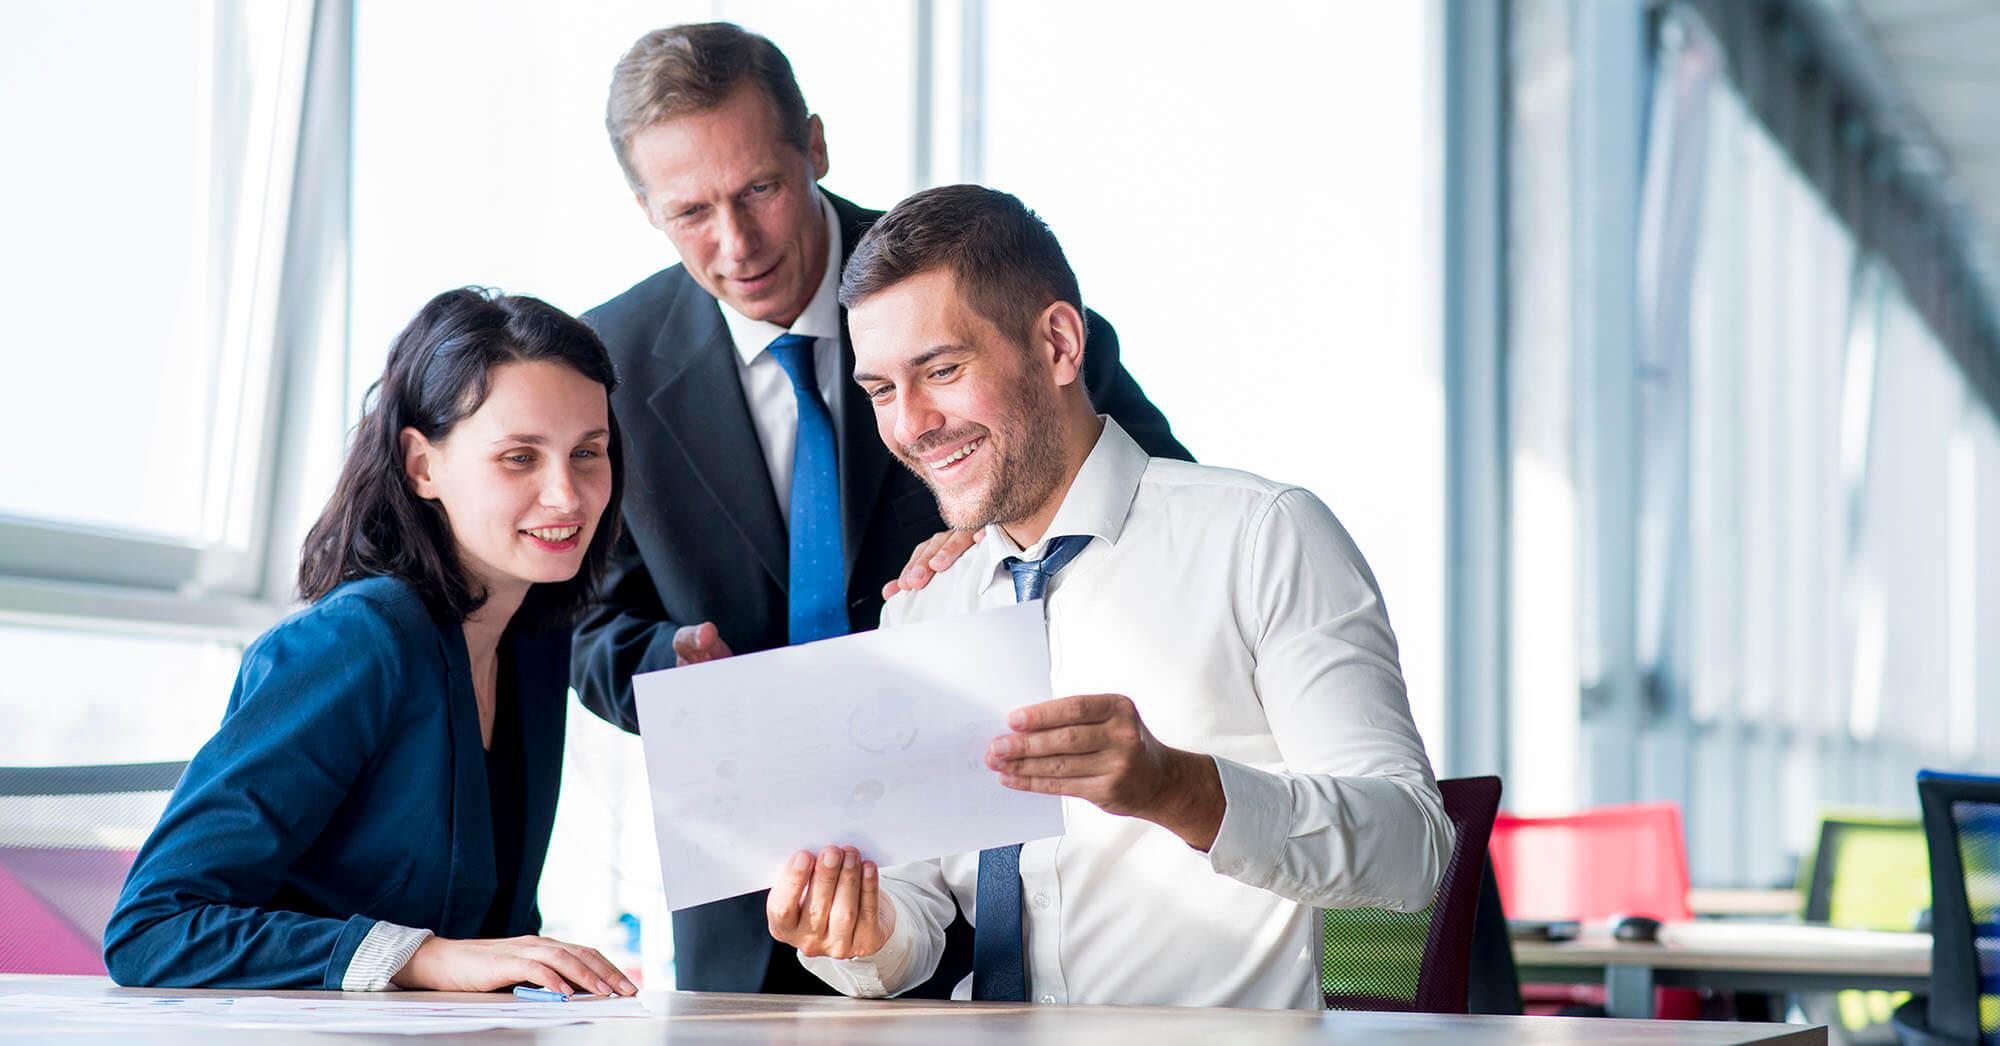 employee engagement blog image 2